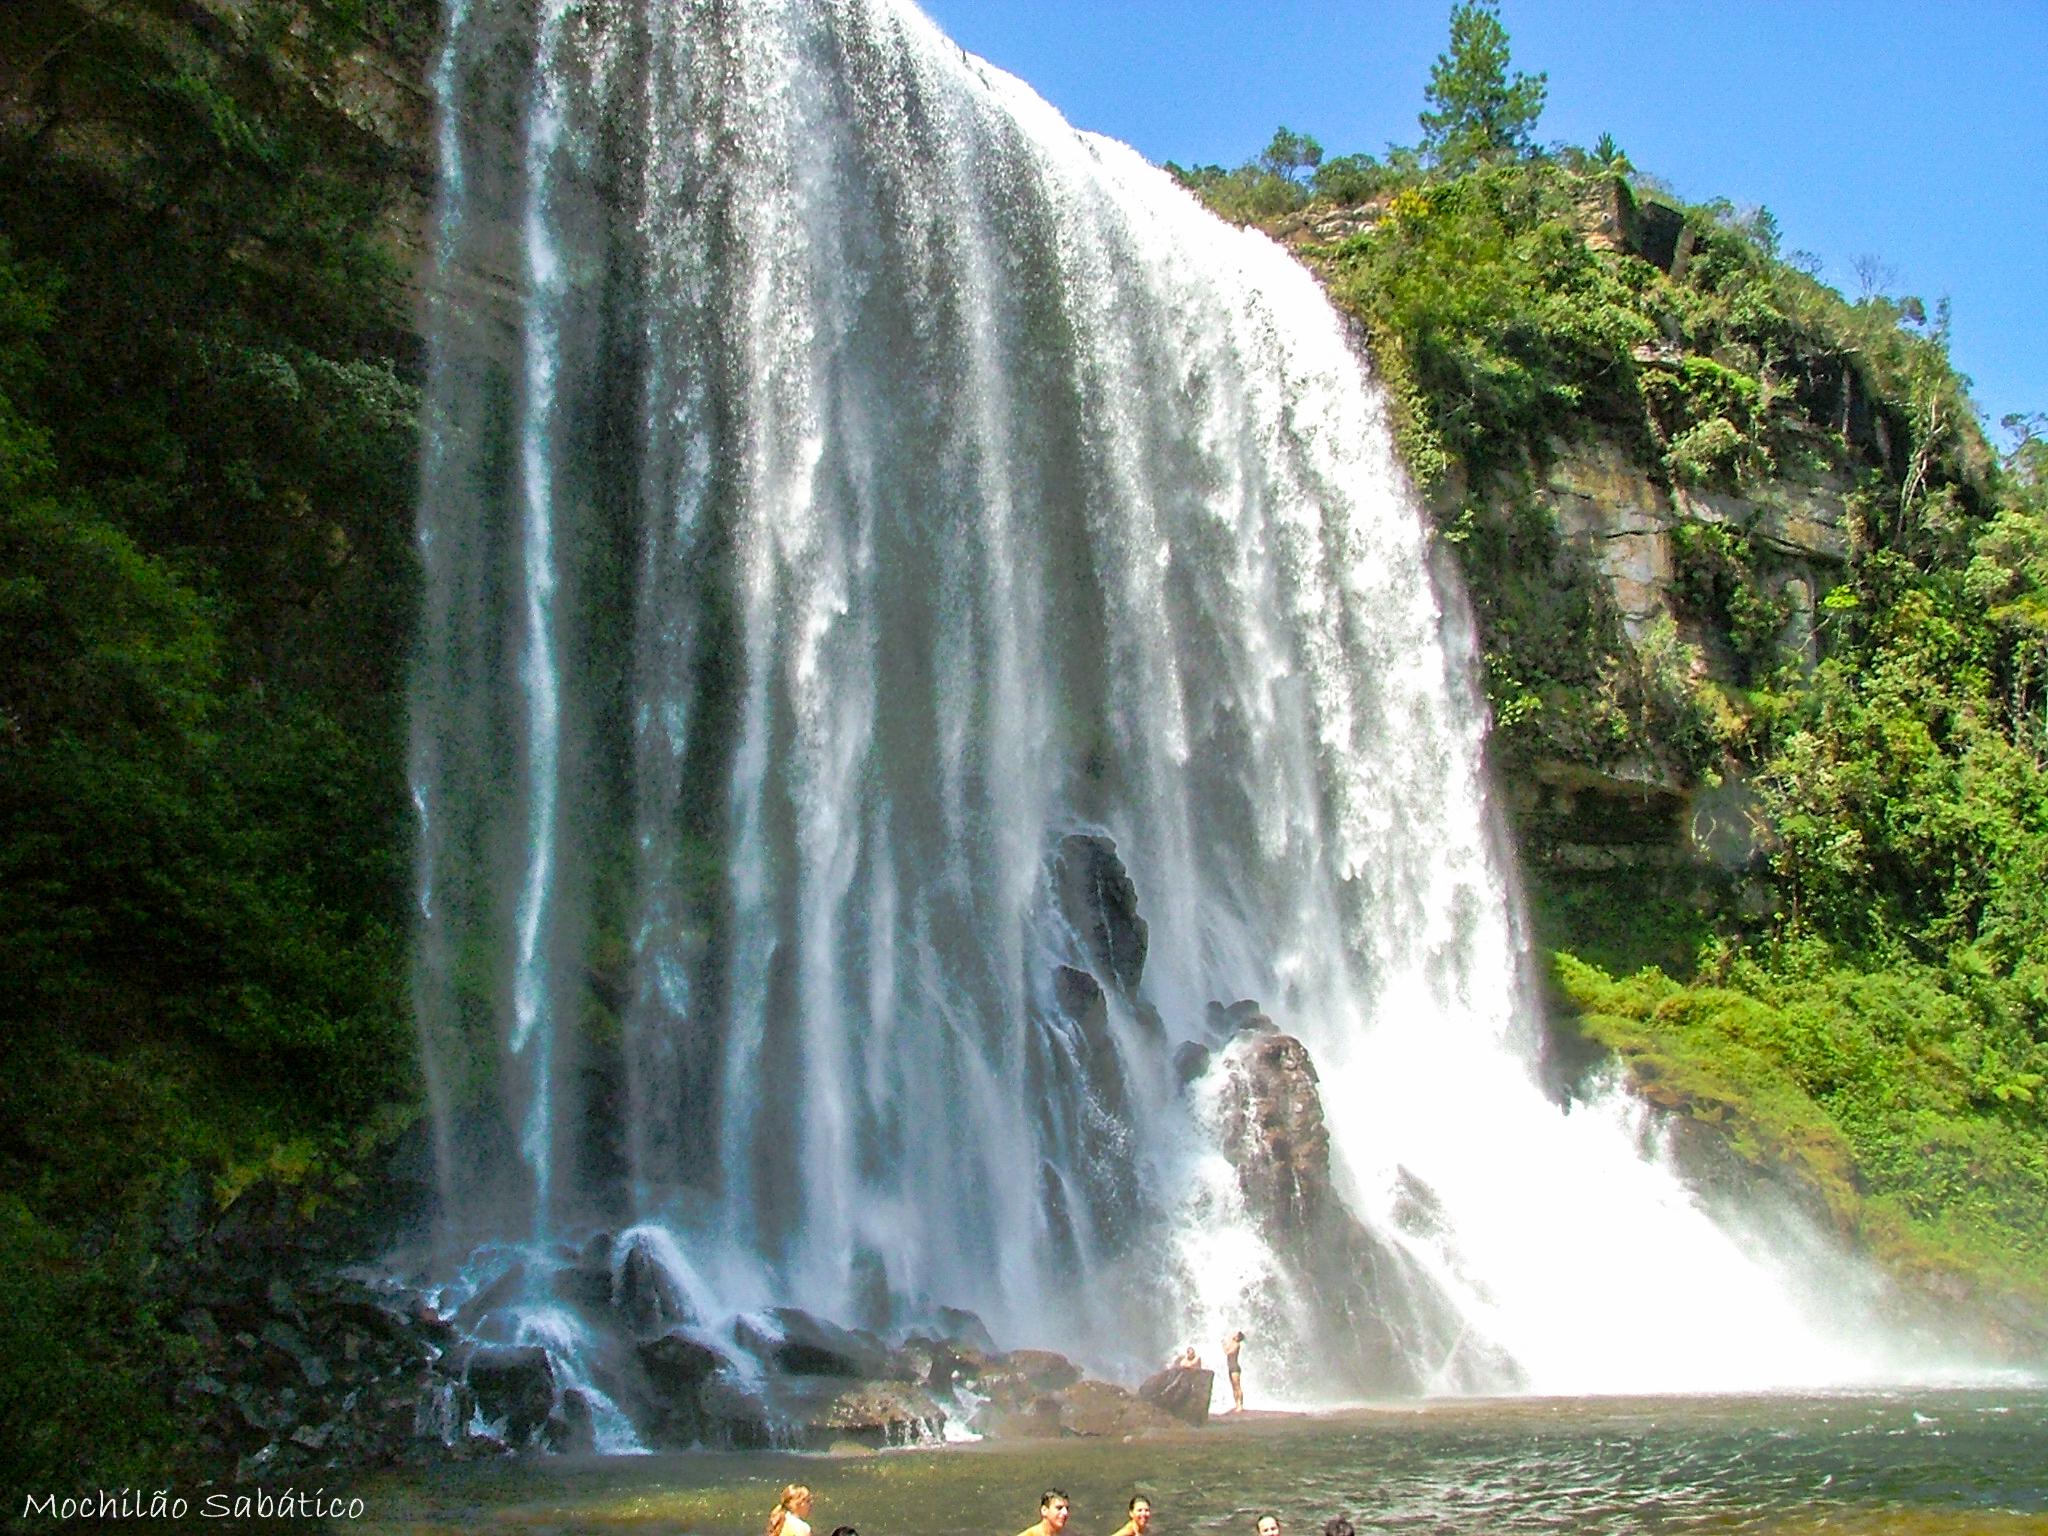 Cachoeira do Lageado Grande (Vale do Itararé)